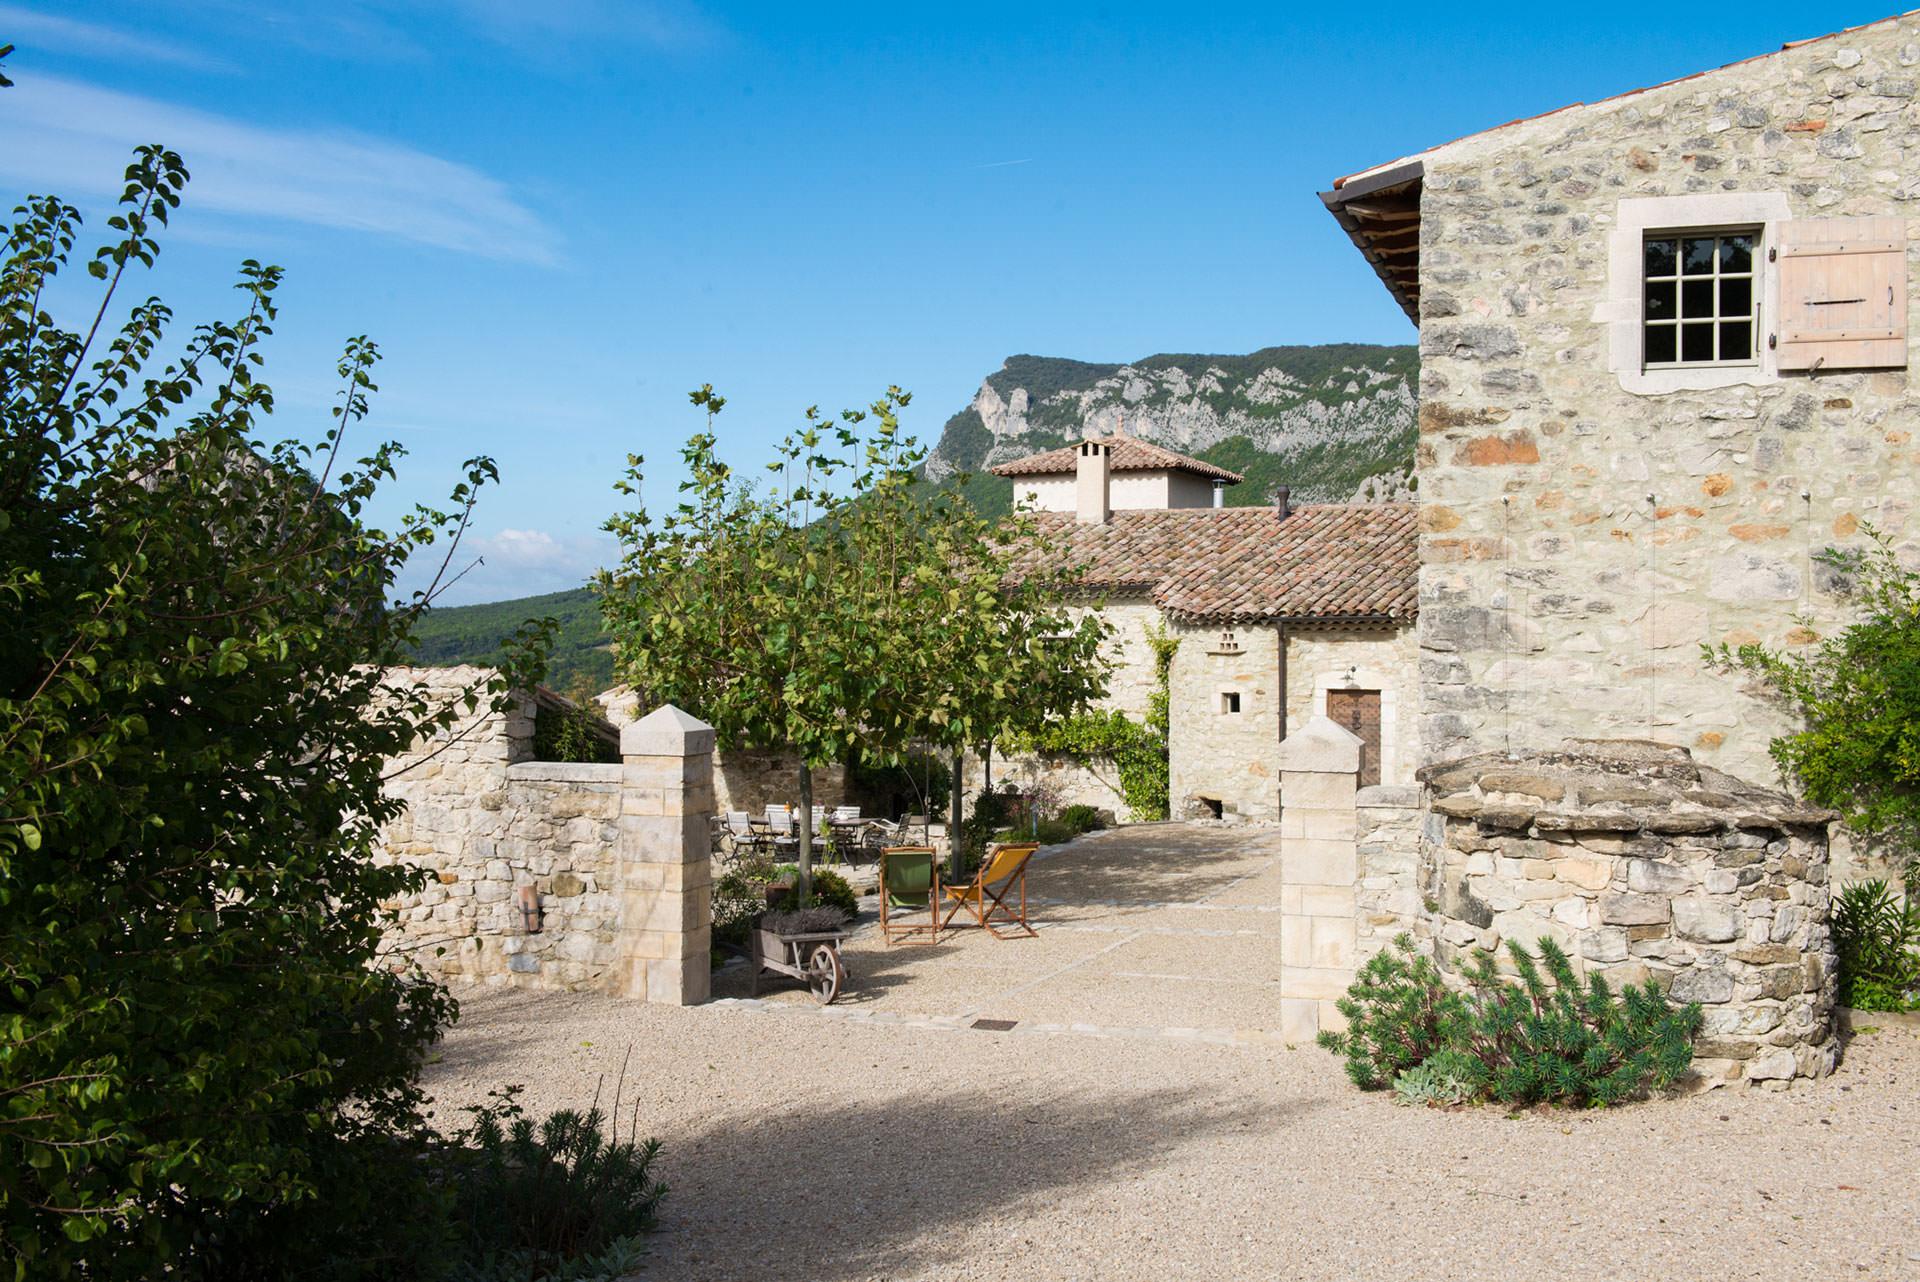 Maison Et Chambres D'hôtes Dans La Drôme concernant Chambre D Hote Saou